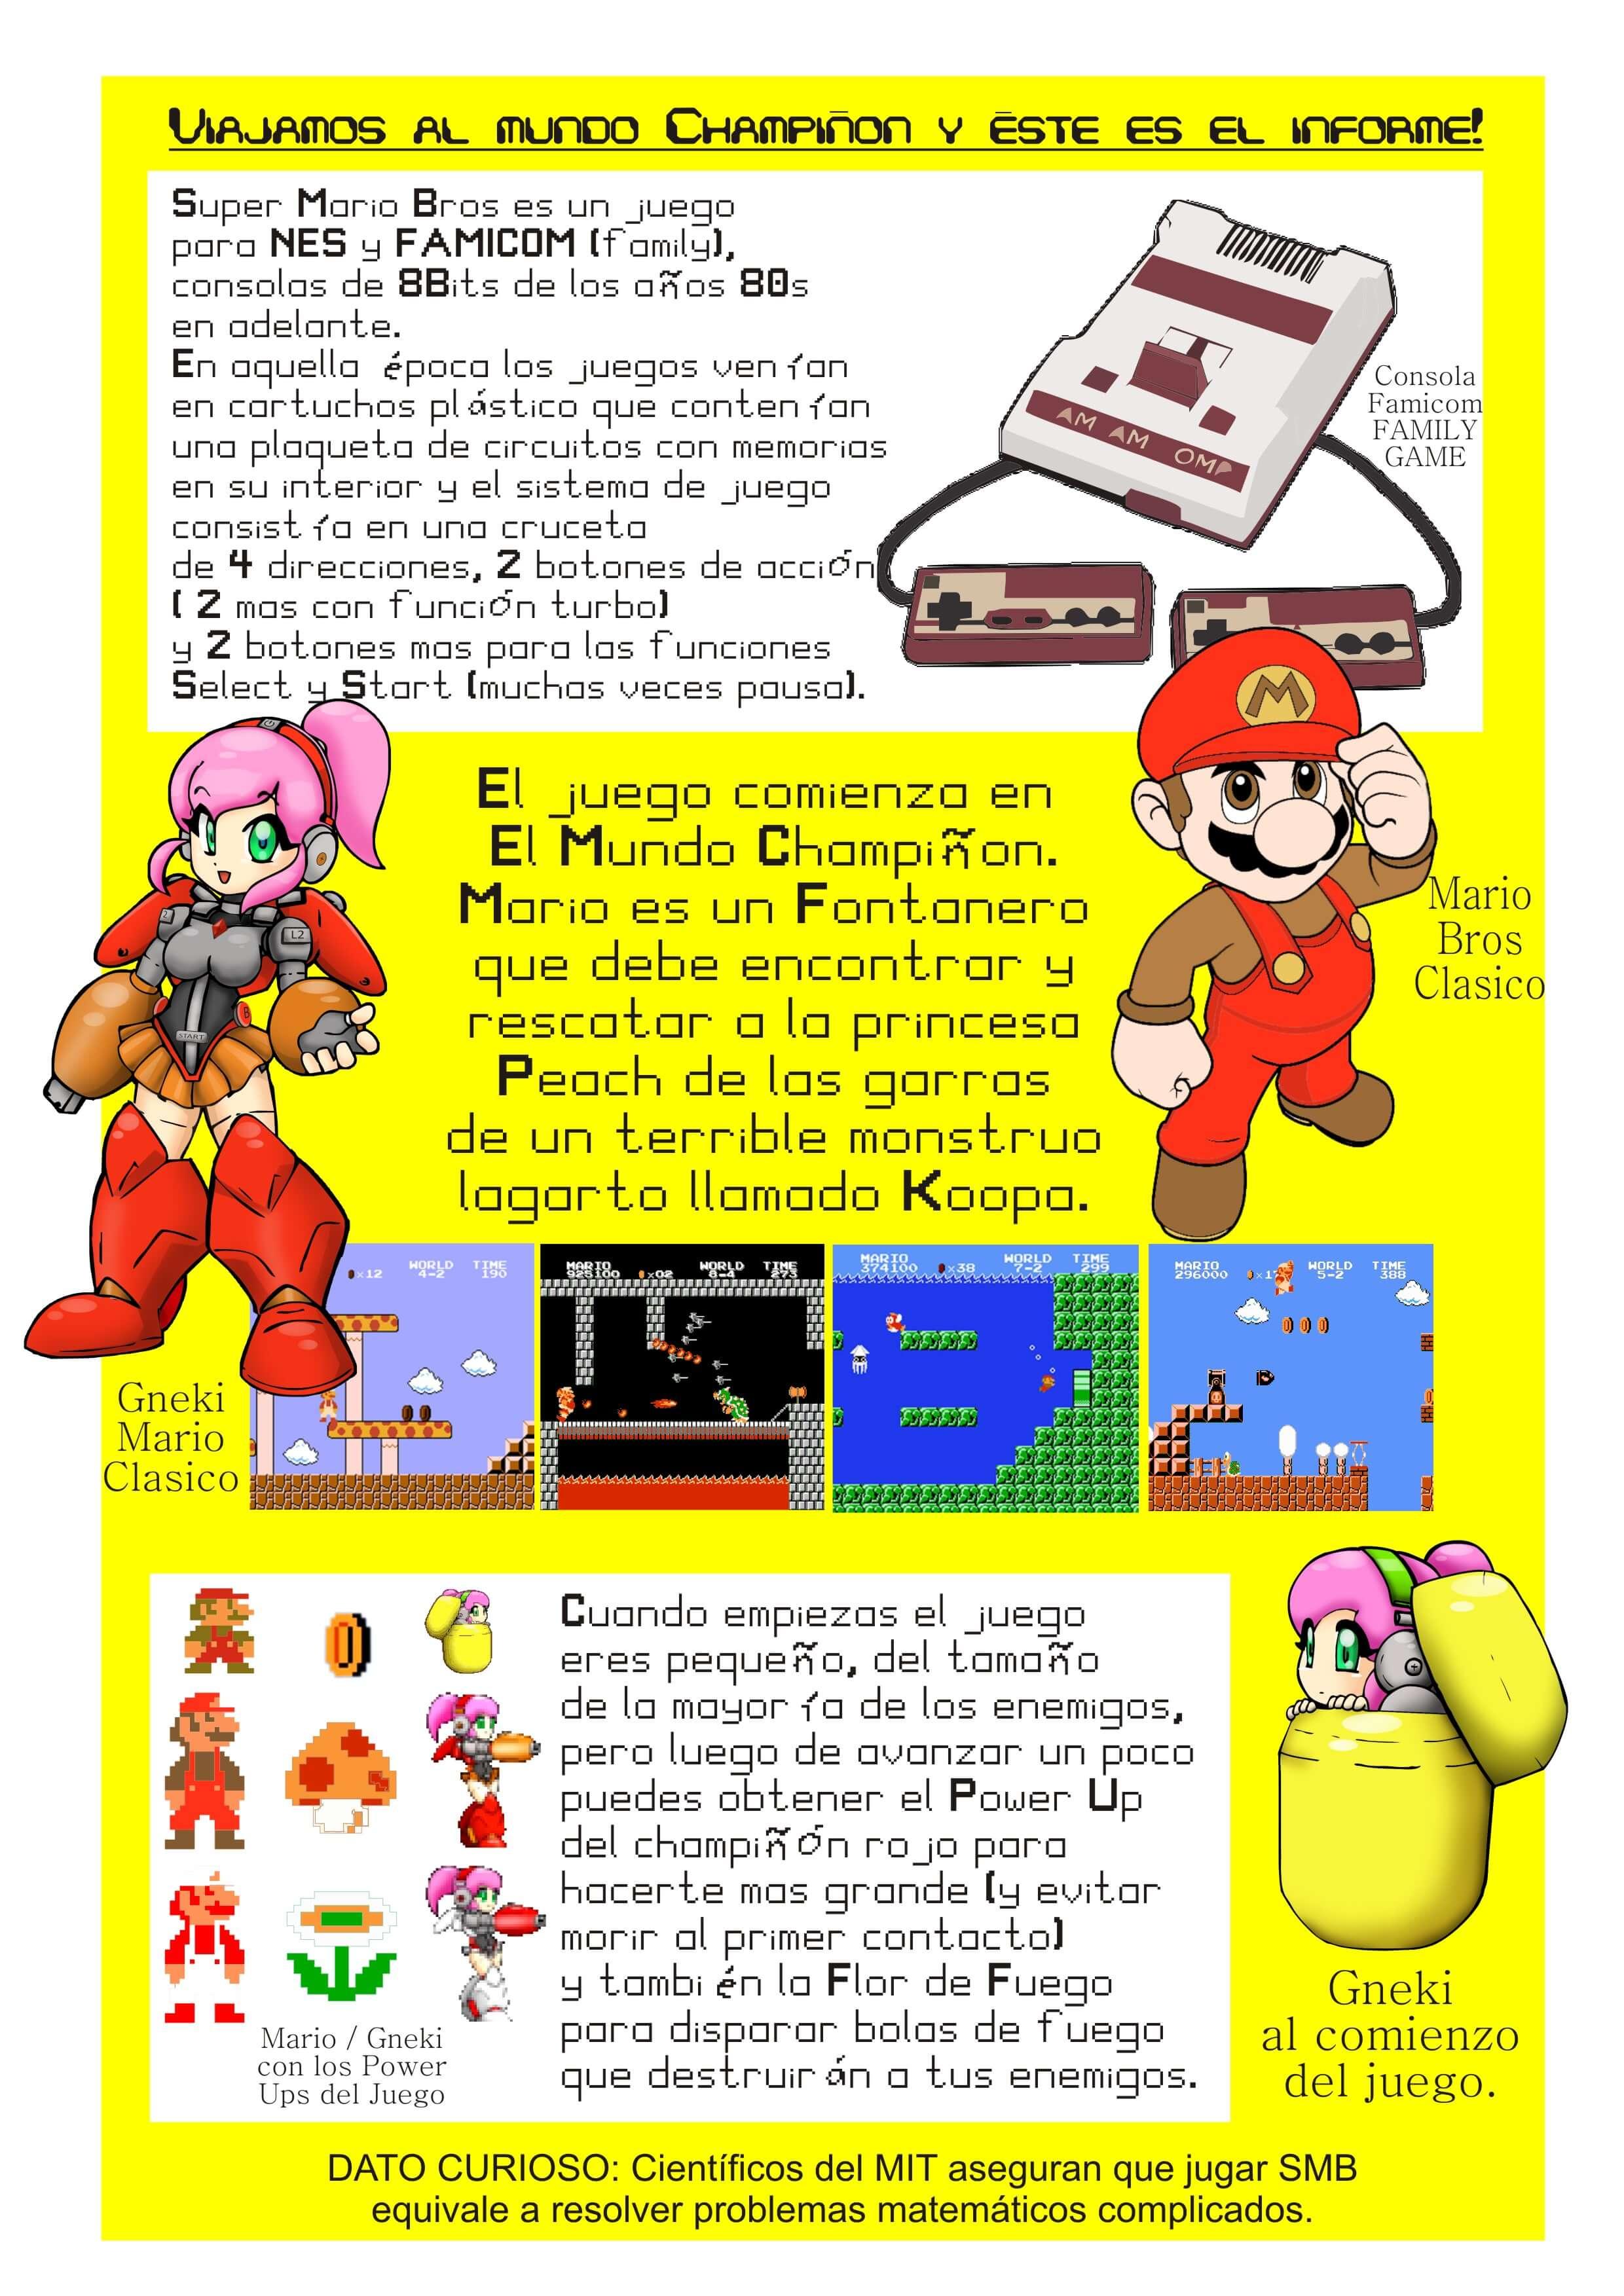 Prisma Gneki Y Super Mario Bros